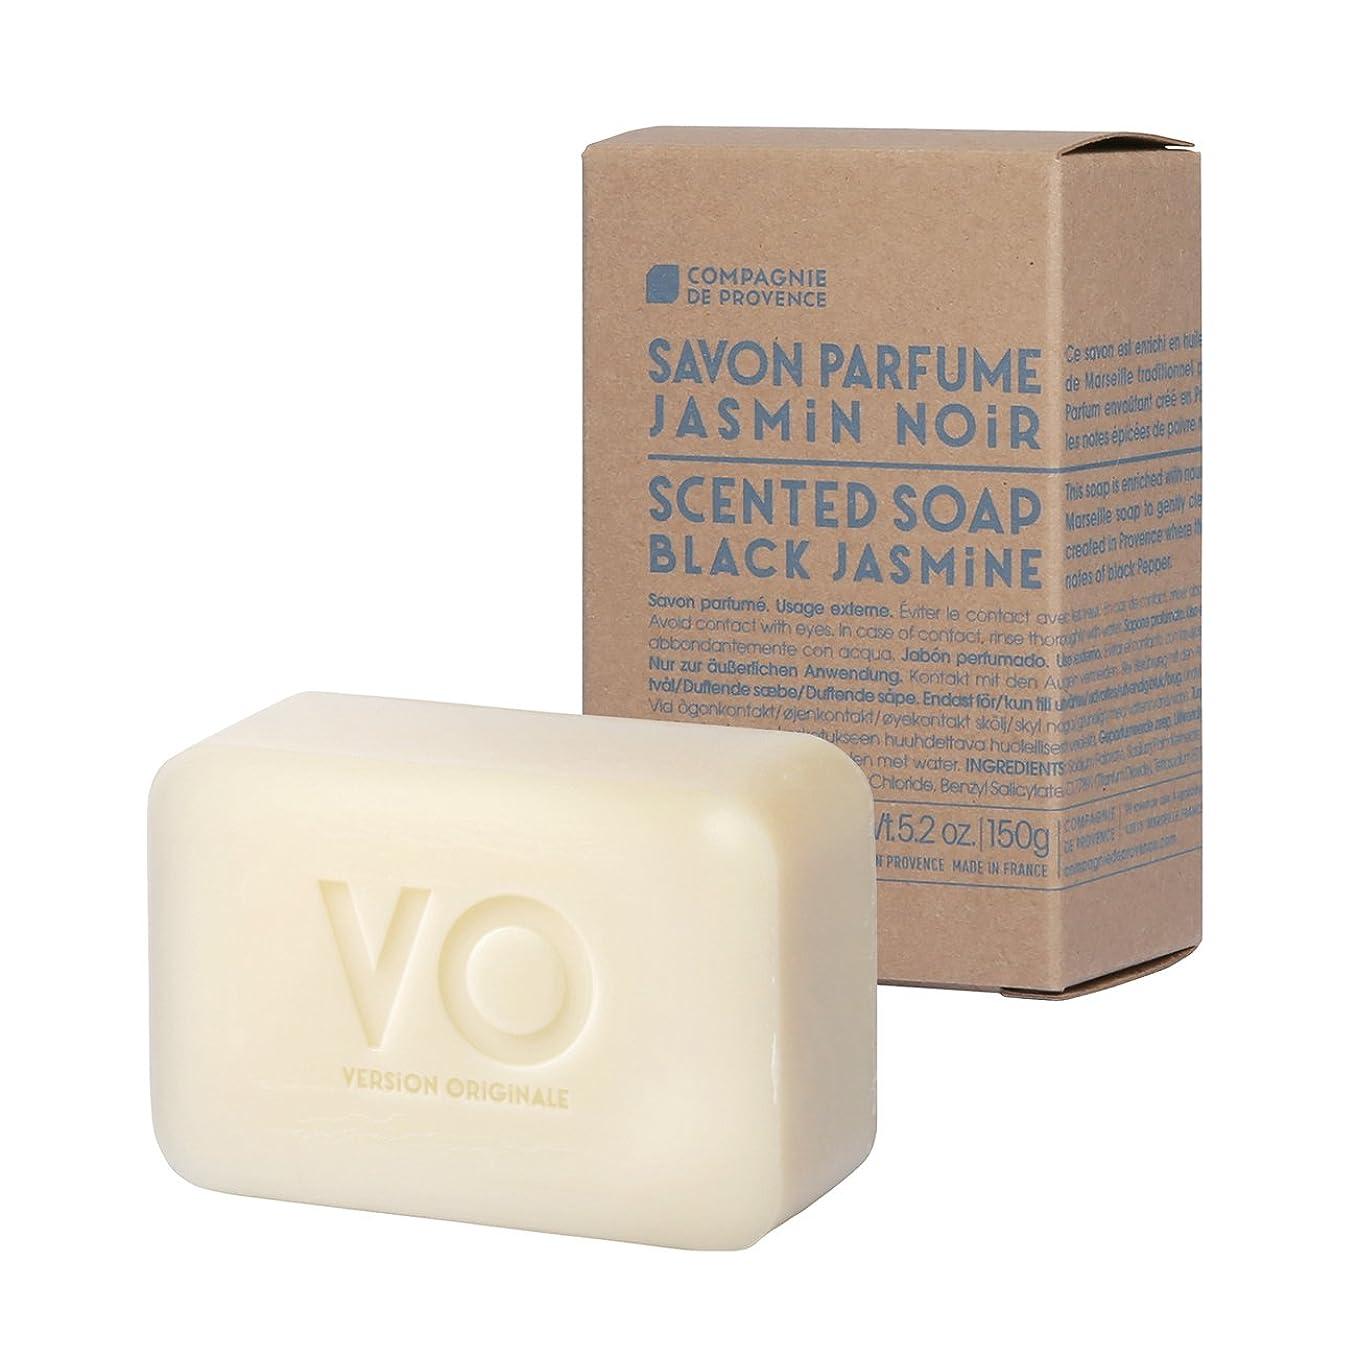 文言保険をかける証拠カンパニードプロバンス バージョンオリジナル センティッドソープ ブラックジャスミン(すっきりとした中にも甘さがある香り) 150g